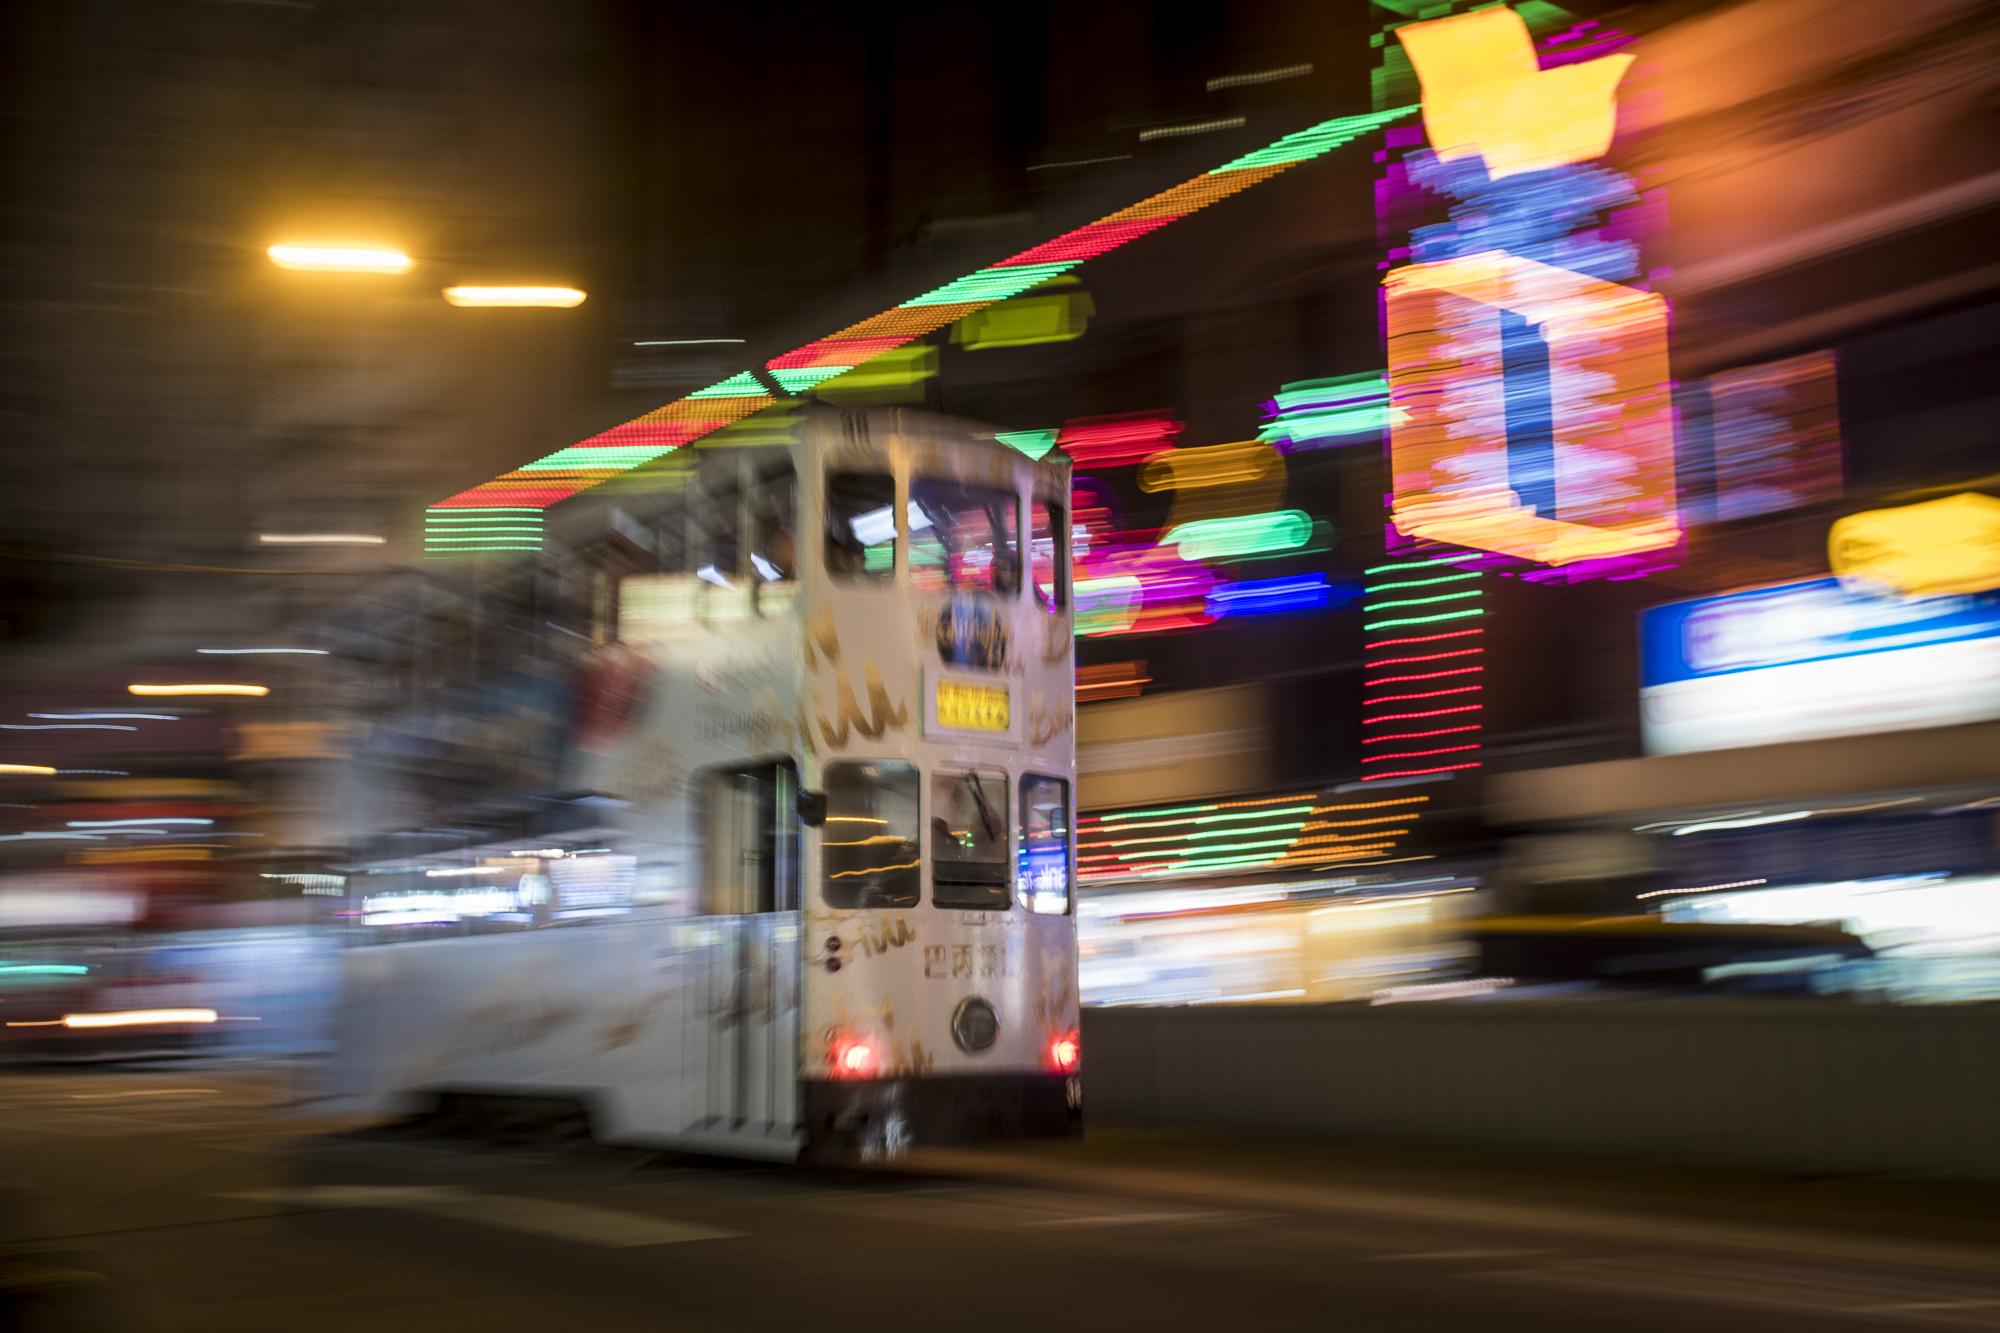 Hong Kong Tram  PHOTOGRAPHY: ALEXANDER J.E. BRADLEY • NIKON D500 • AF-S NIKKOR 14-24MM Ƒ/2.8G ED @ 24MM • Ƒ/5.6 • 1/5• ISO 250